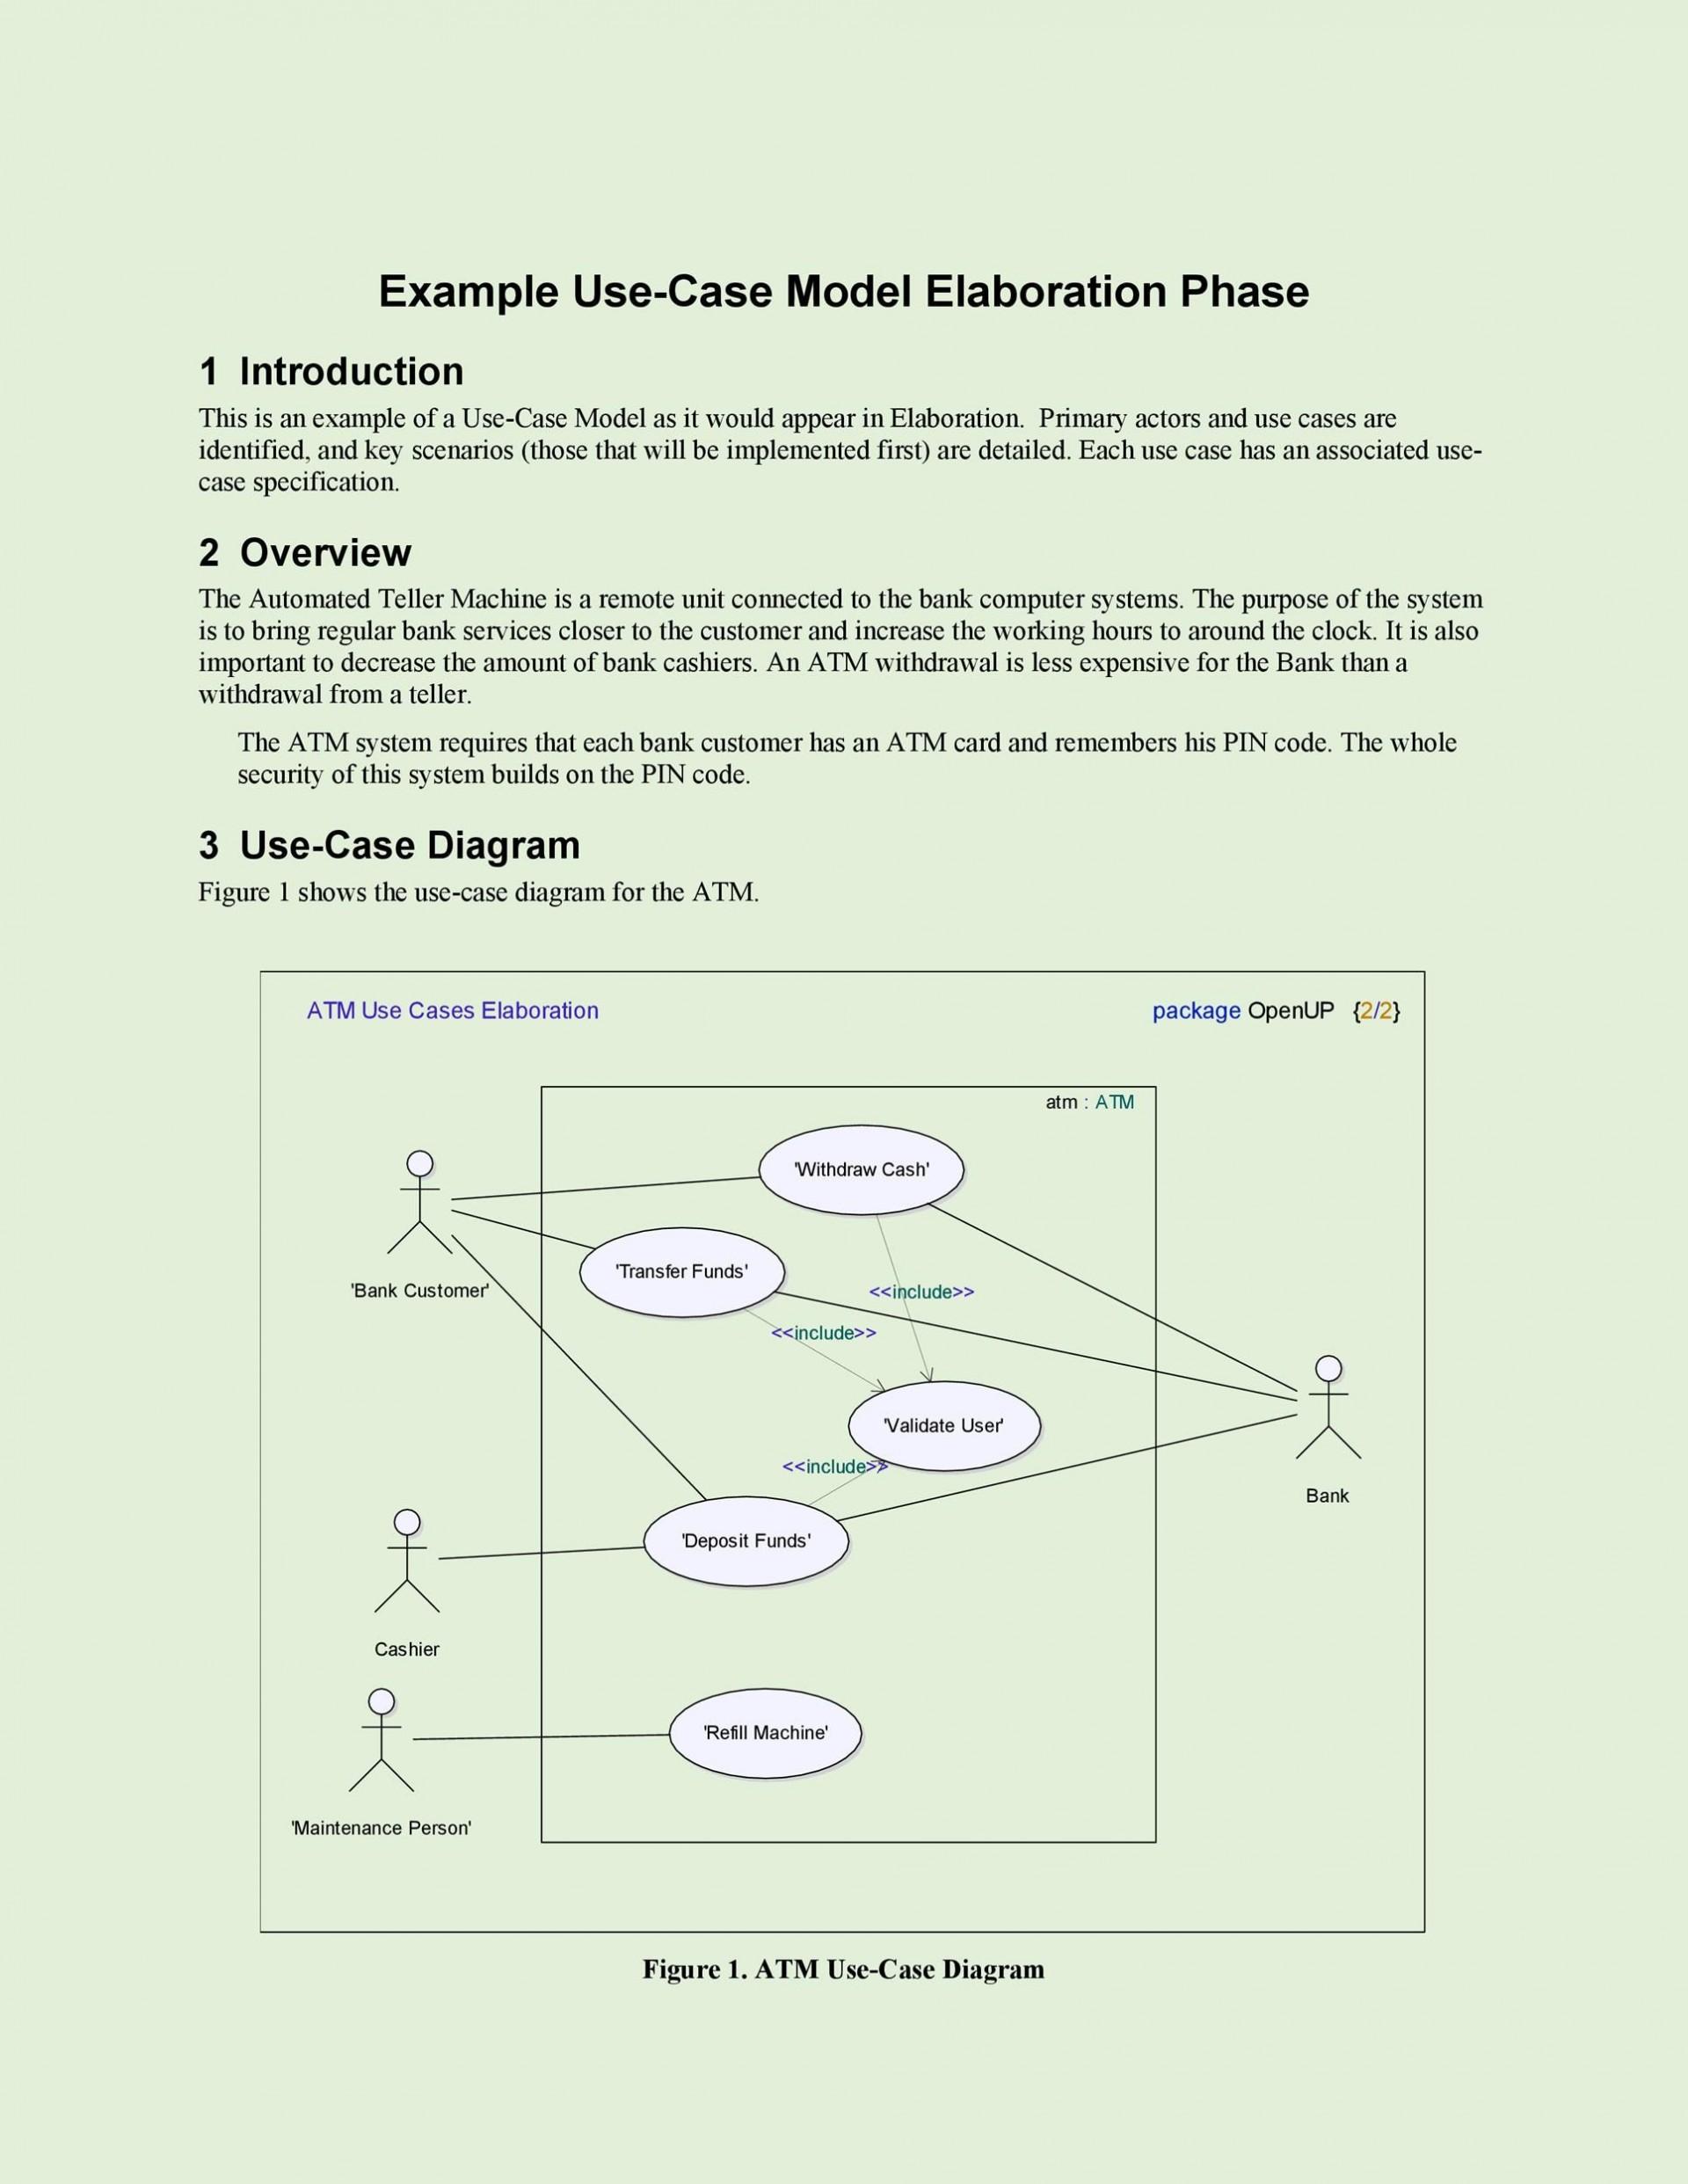 010 Singular Use Case Diagram Template Free Sample 1920